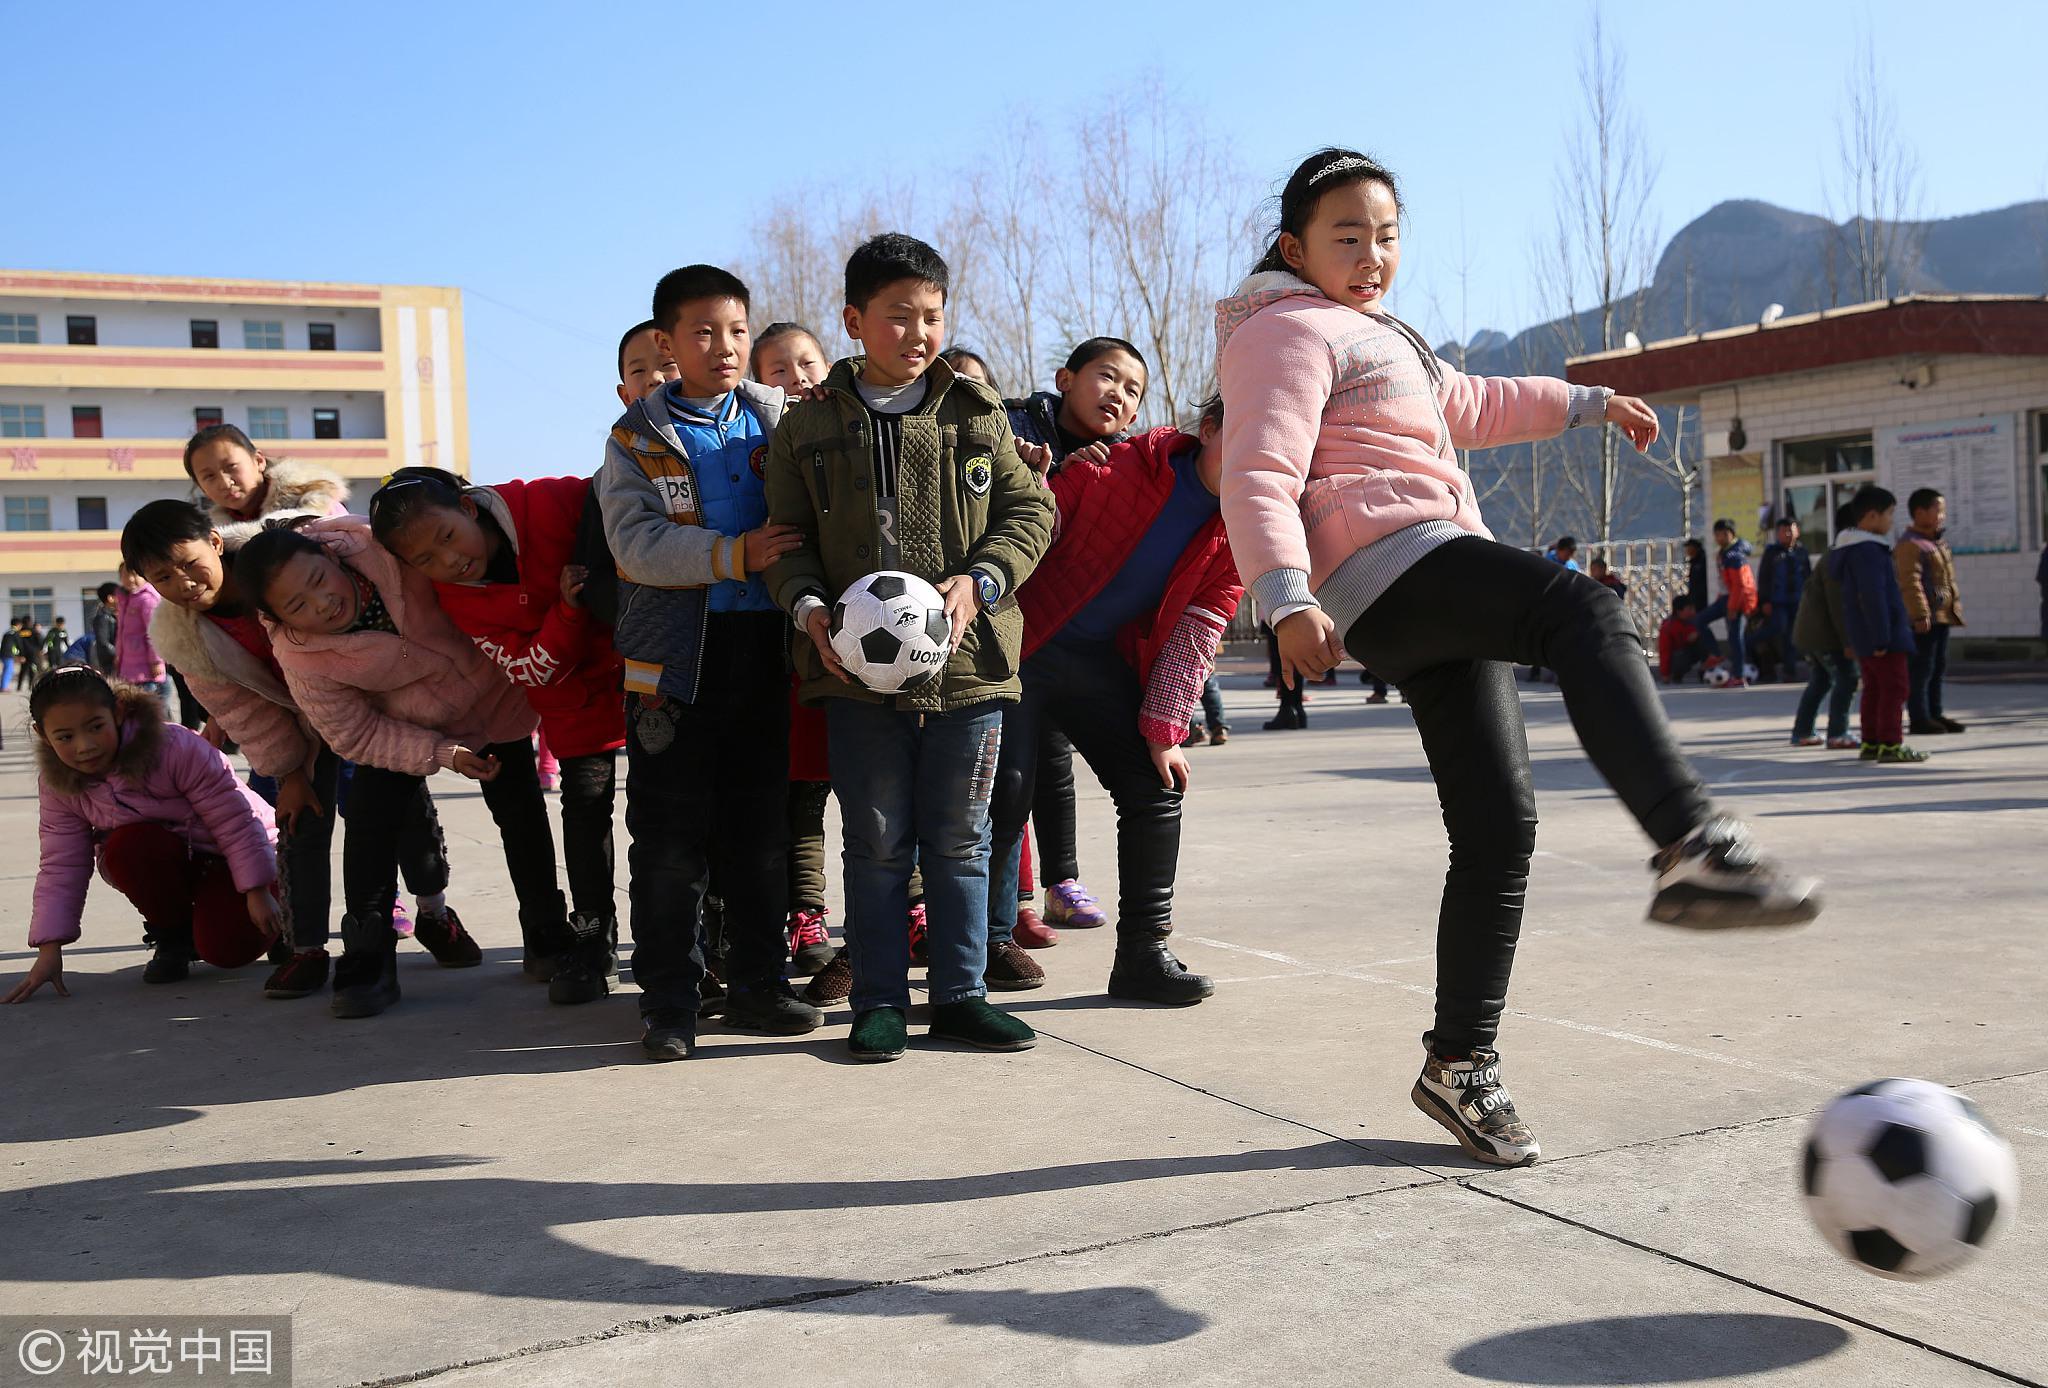 2016年12月8日,河北邯郸,涉县鹿头乡宇庄小学的学生在练习踢足球 / 视觉中国